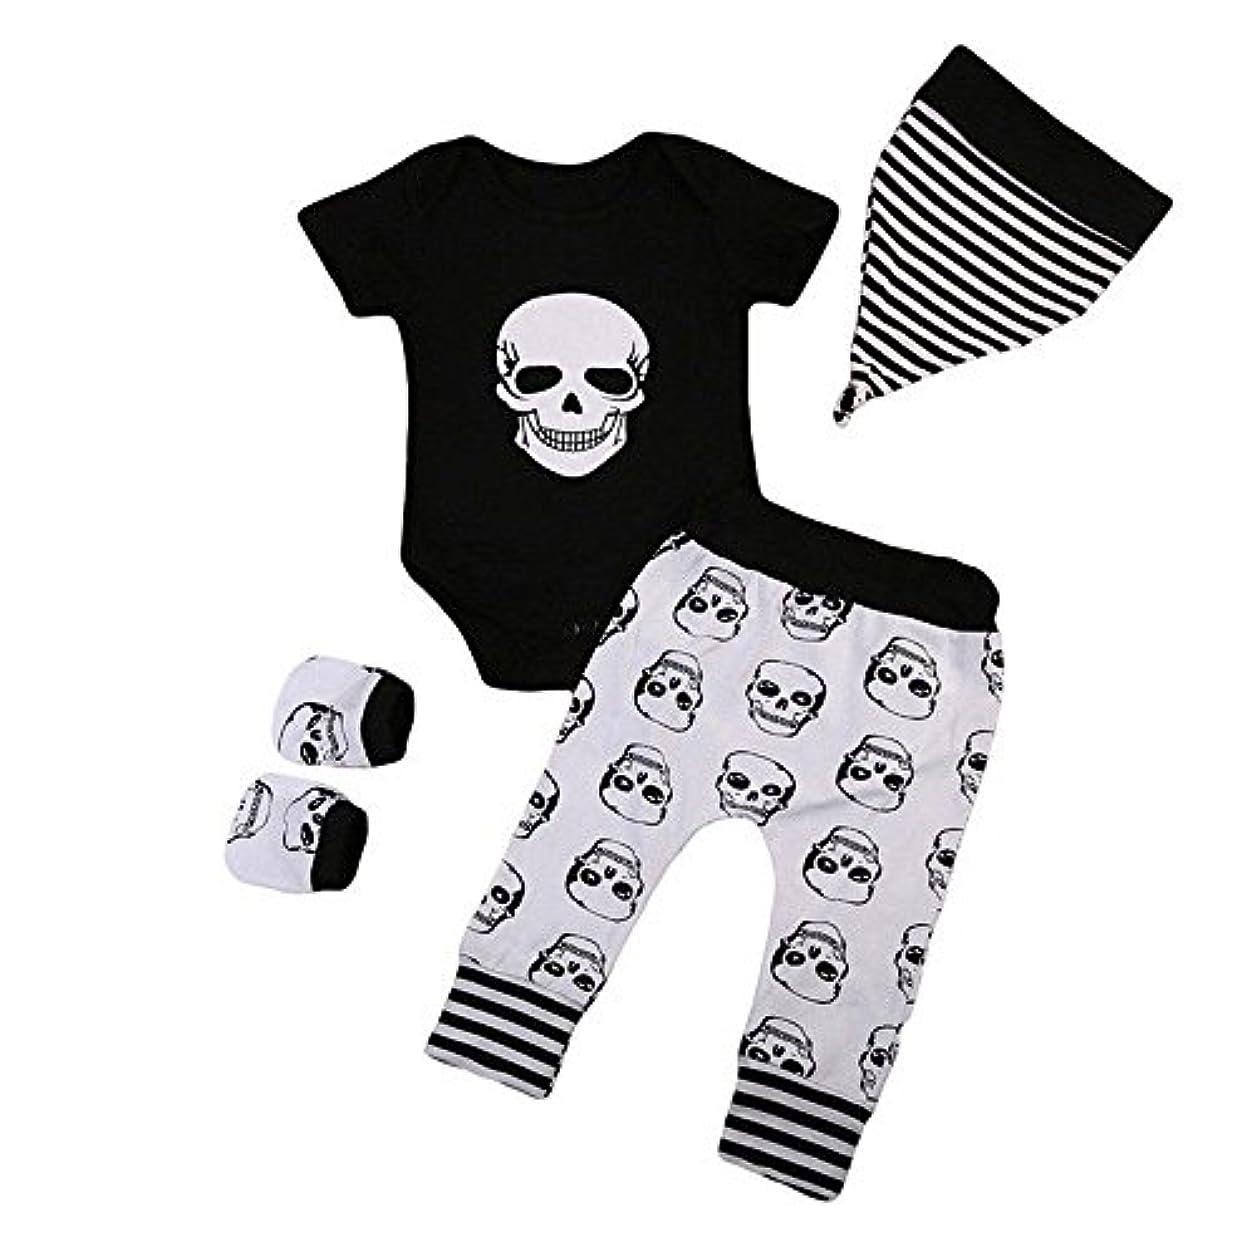 輝くカウボーイ獣BHKK 子供 幼児少年少女ハロウィンボーンプリントロンパー+パンツ+帽子+手袋 6ヶ月 - 24ヶ月